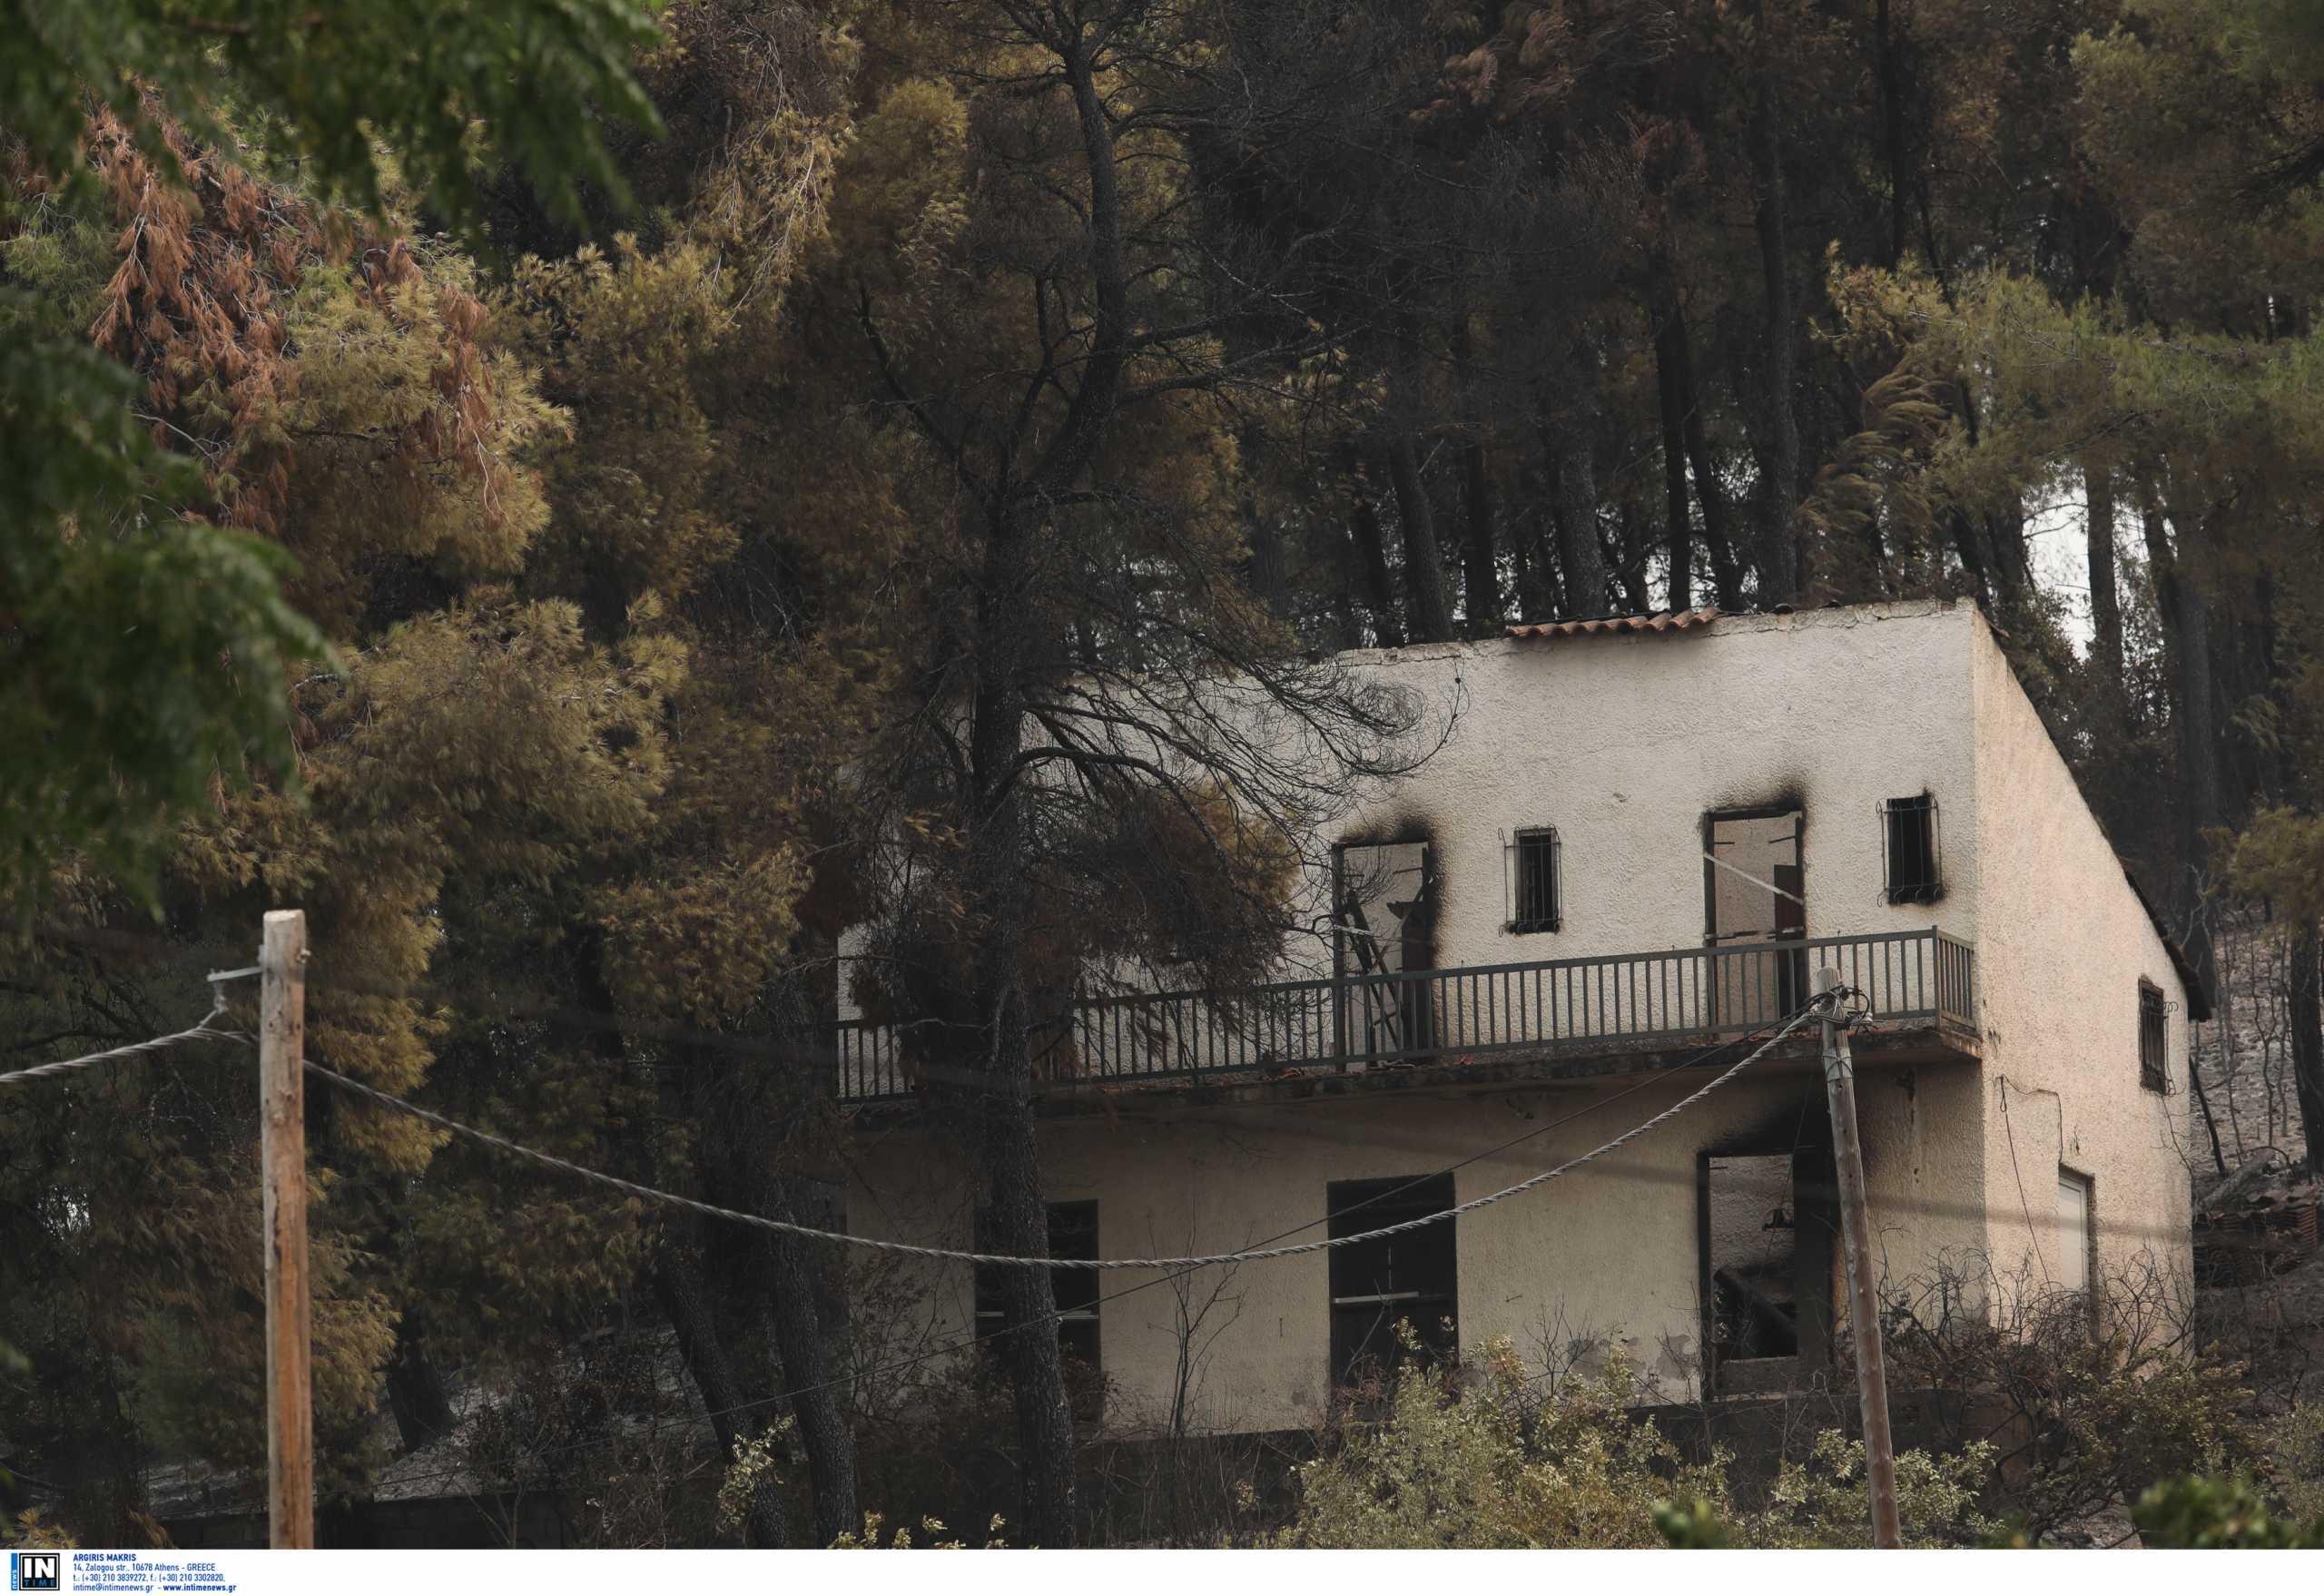 Φωτιές: Δημοσιεύθηκε η Πράξη Νομοθετικού Περιεχομένου – Τα μέτρα για τους πυρόπληκτους